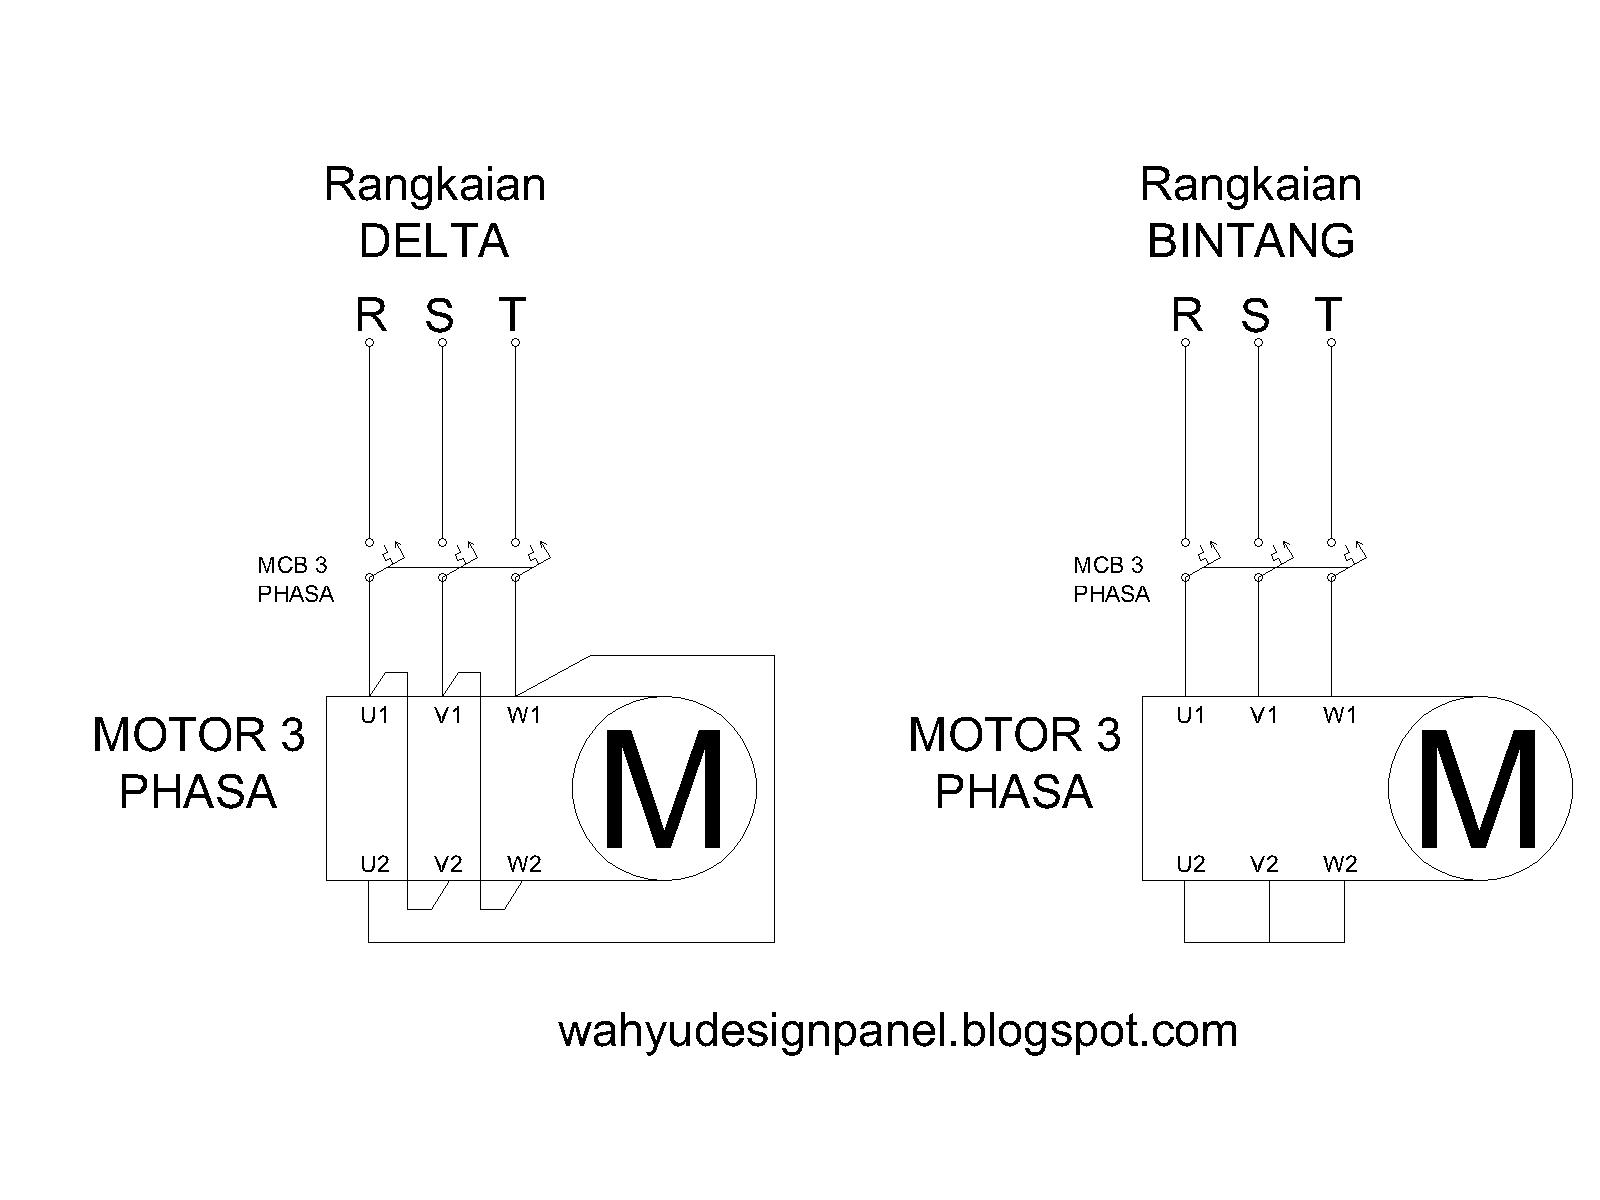 Rangkaian Panel Listrik  Kontrol  U0026 Utama   Rangkaiang Panel Secara Umum